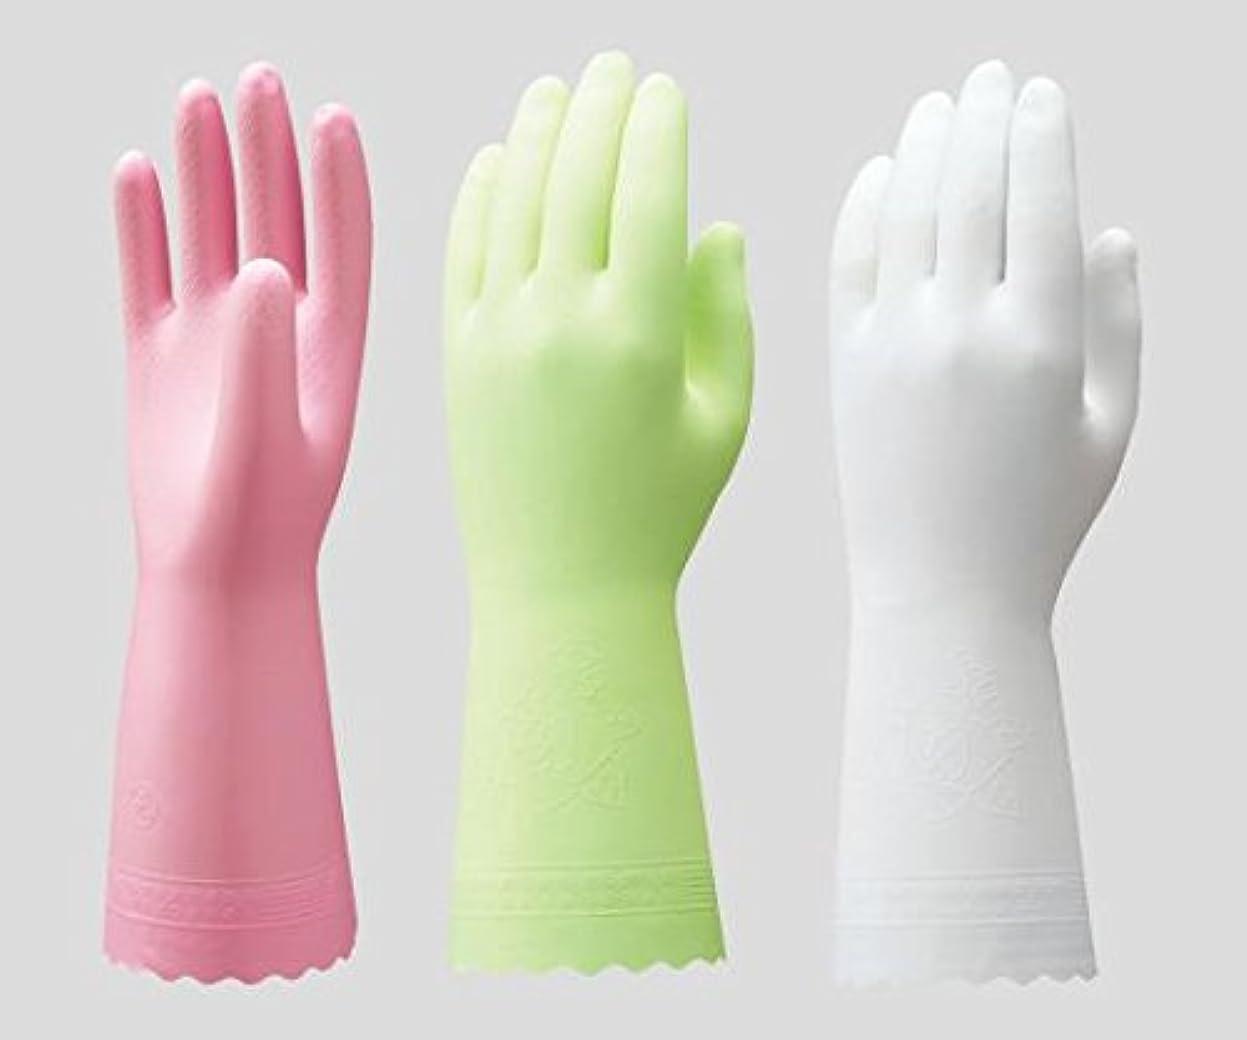 遮る苦しむグリーンバックショーワグローブ2-9143-05ビニトップ手袋薄手裏毛無ホワイトL